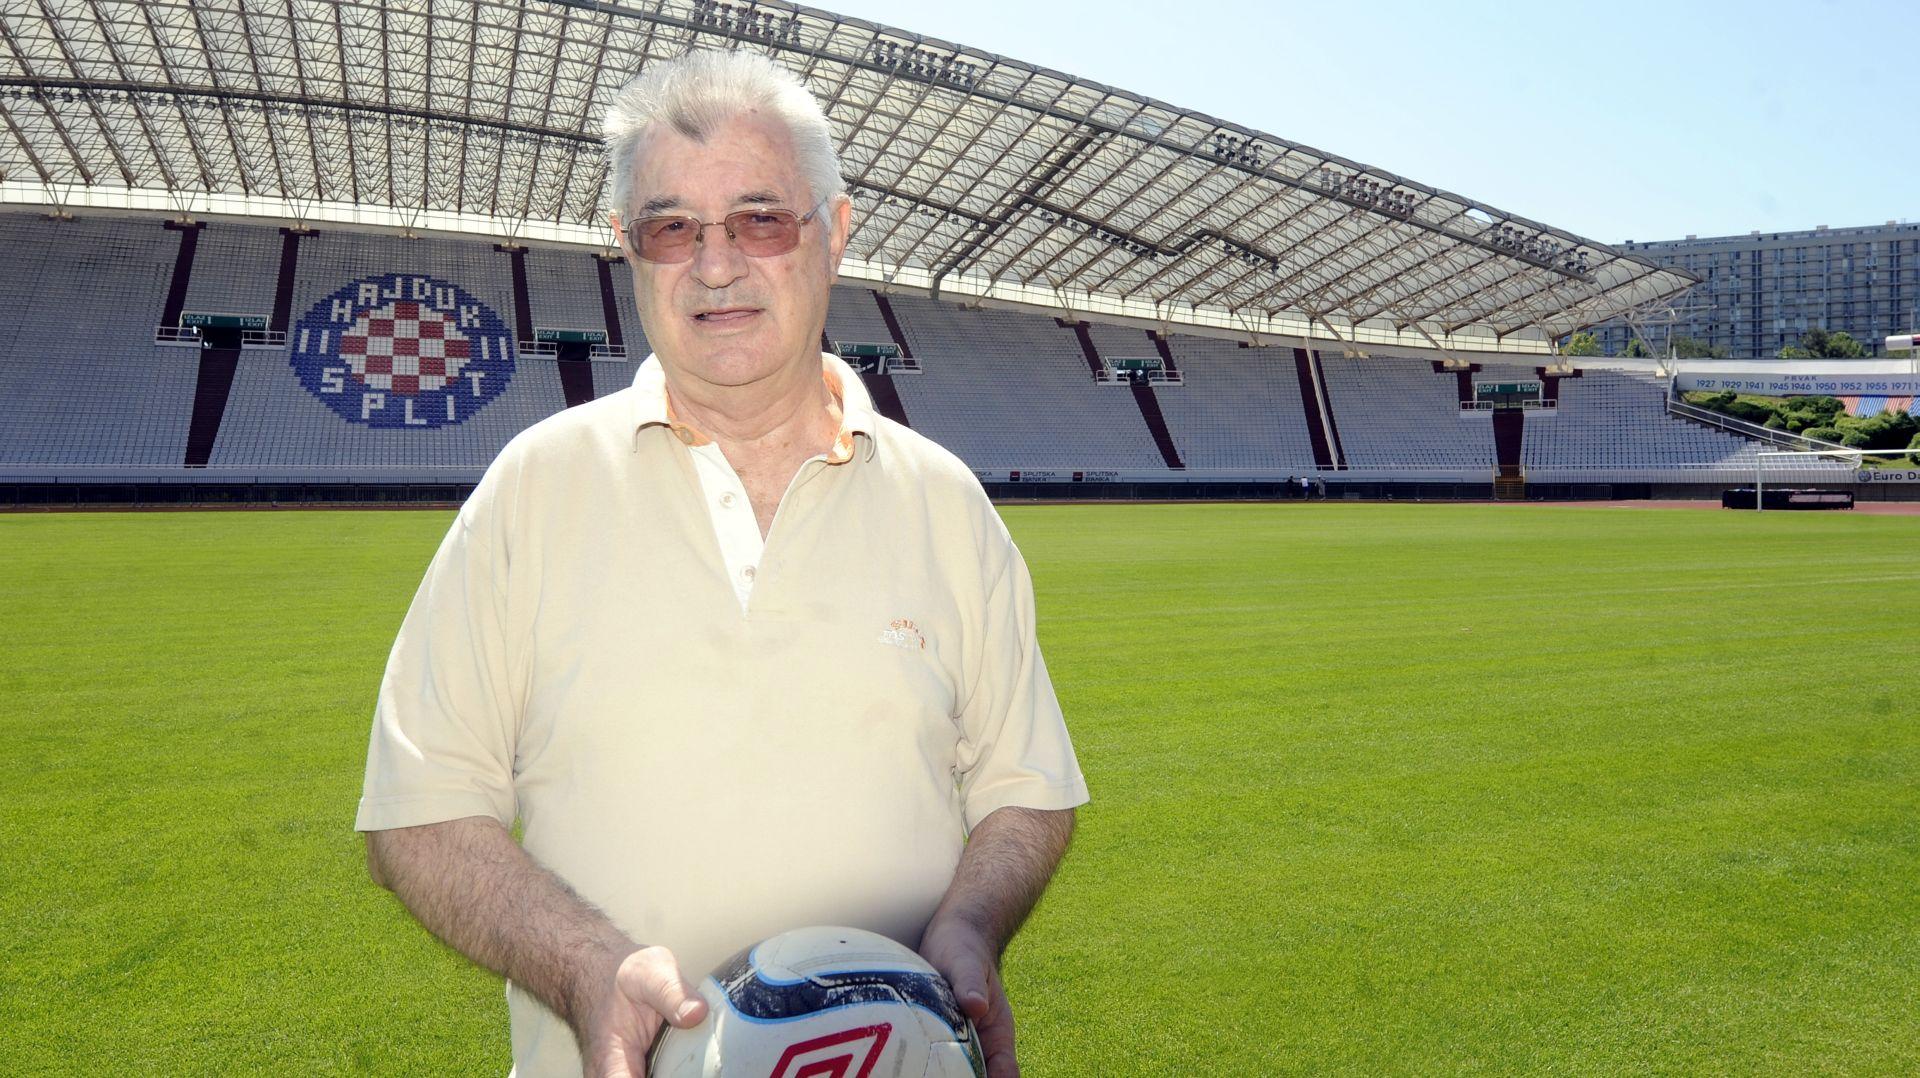 NAKON DUGE I TEŠKE BOLESTI Preminuo Dragan Holcer, legendarni kapetan Hajduka